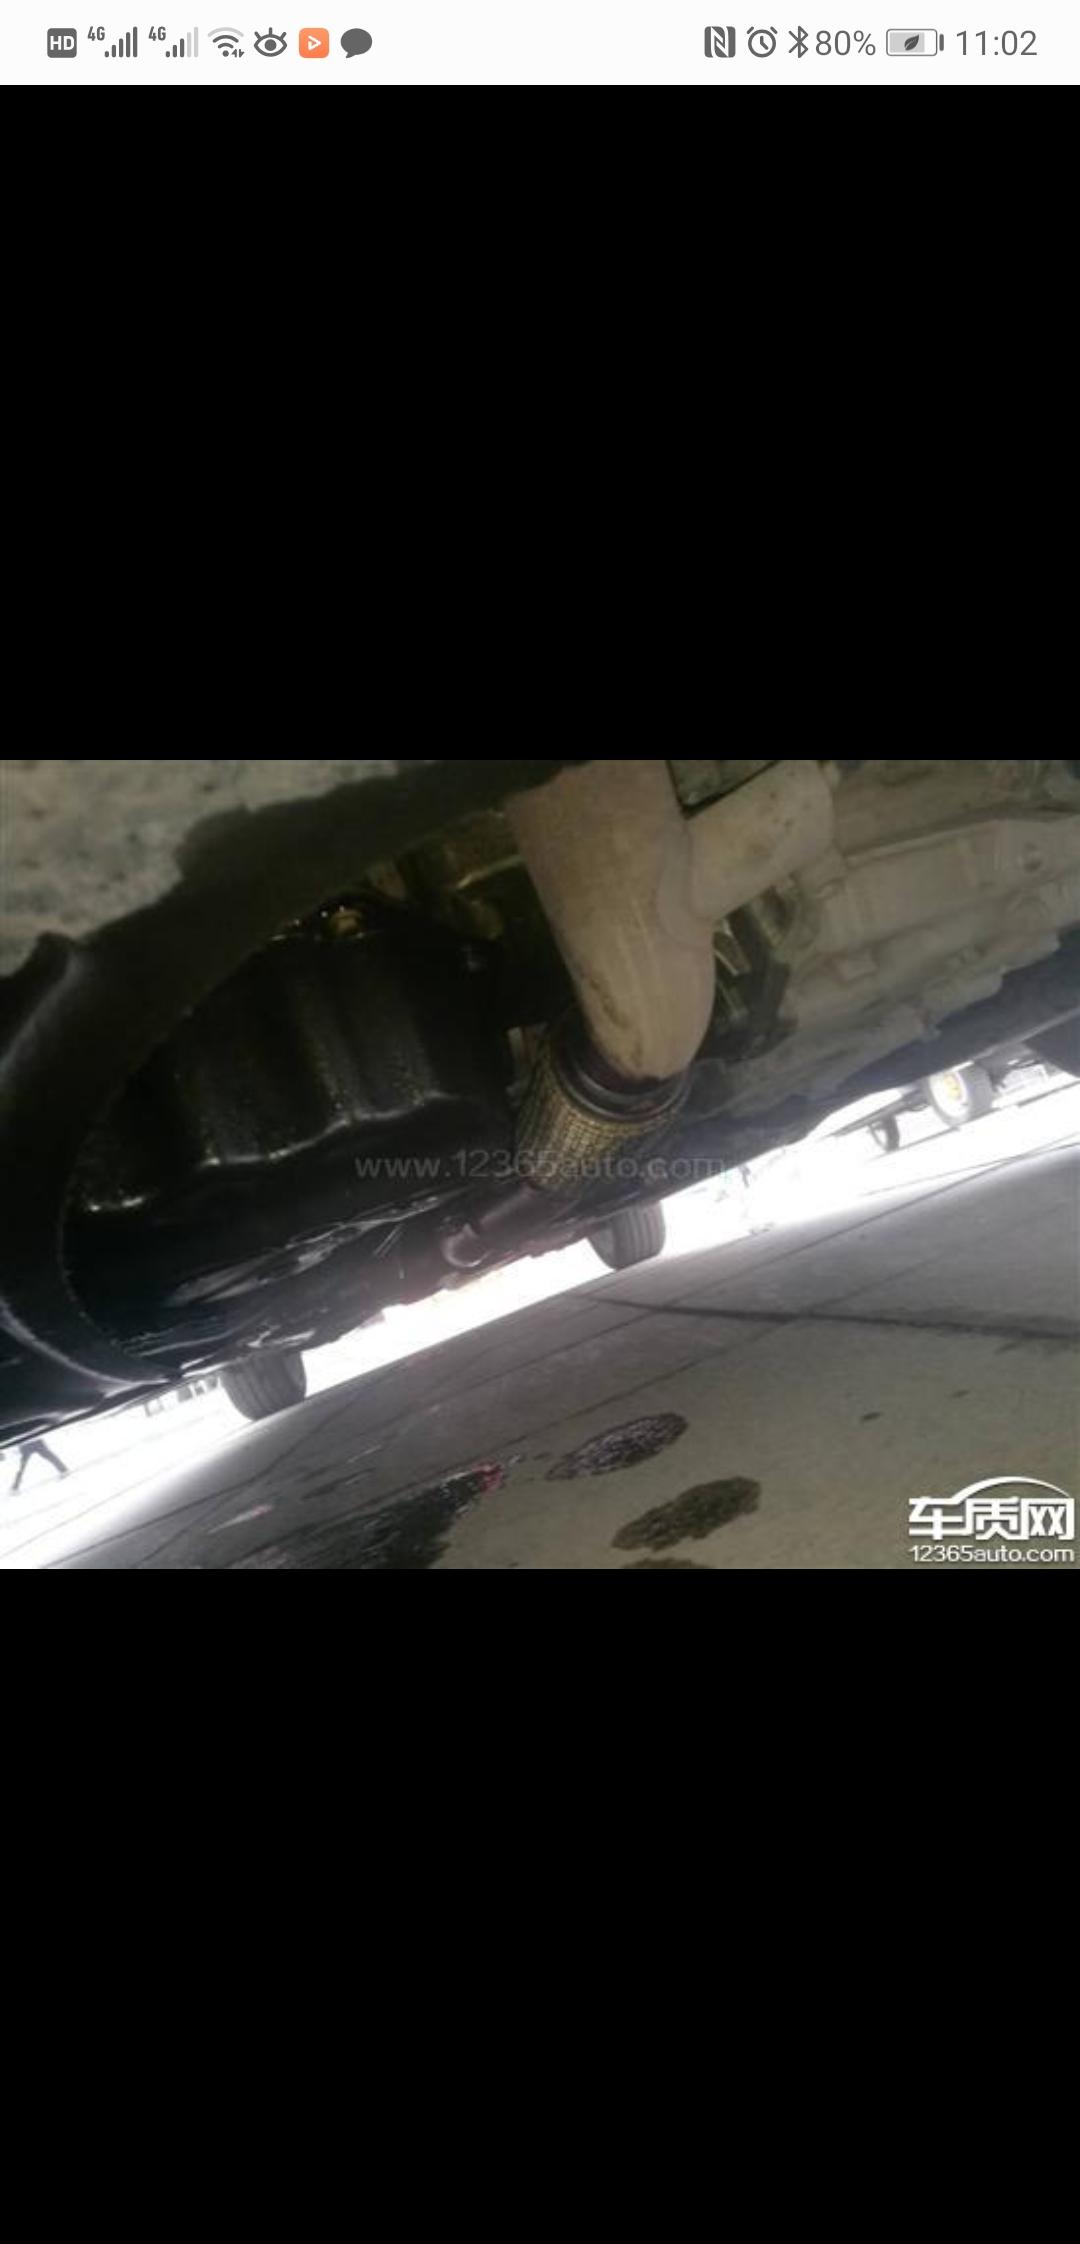 上汽通用-别克GL6 车辆漏机油,故障灯亮,转向异响